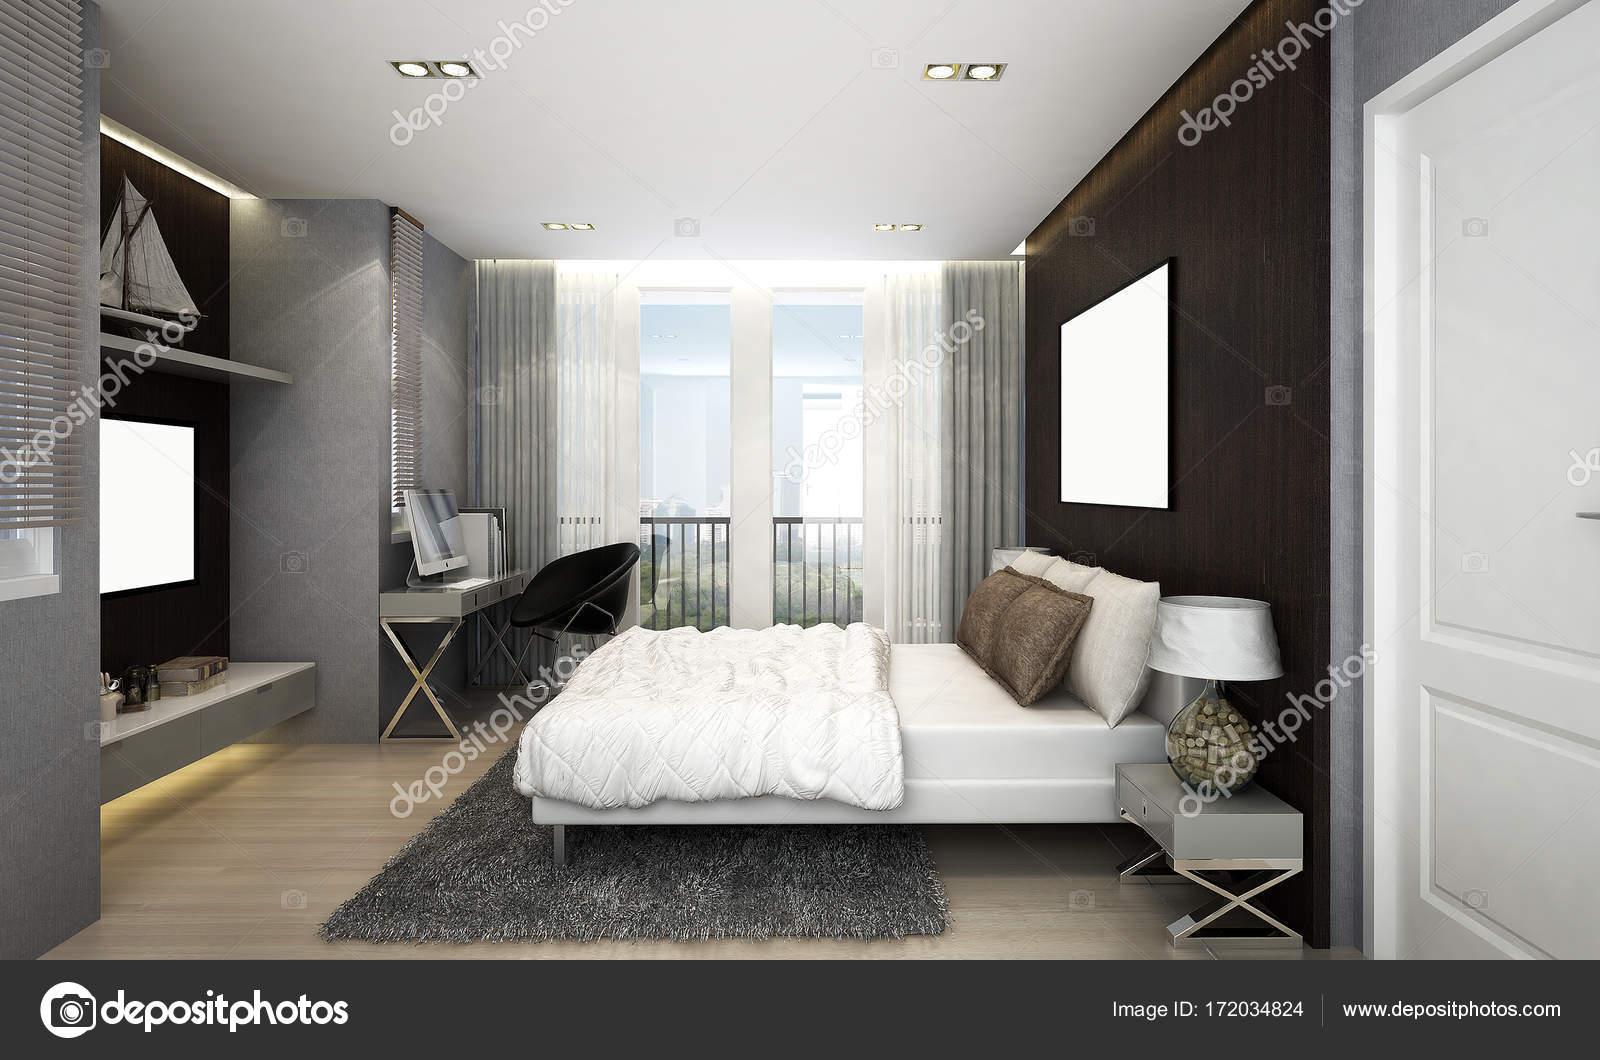 Luxe Slaapkamer Interieur : Het interieur van luxe slaapkamer en zwarte muur achtergrond